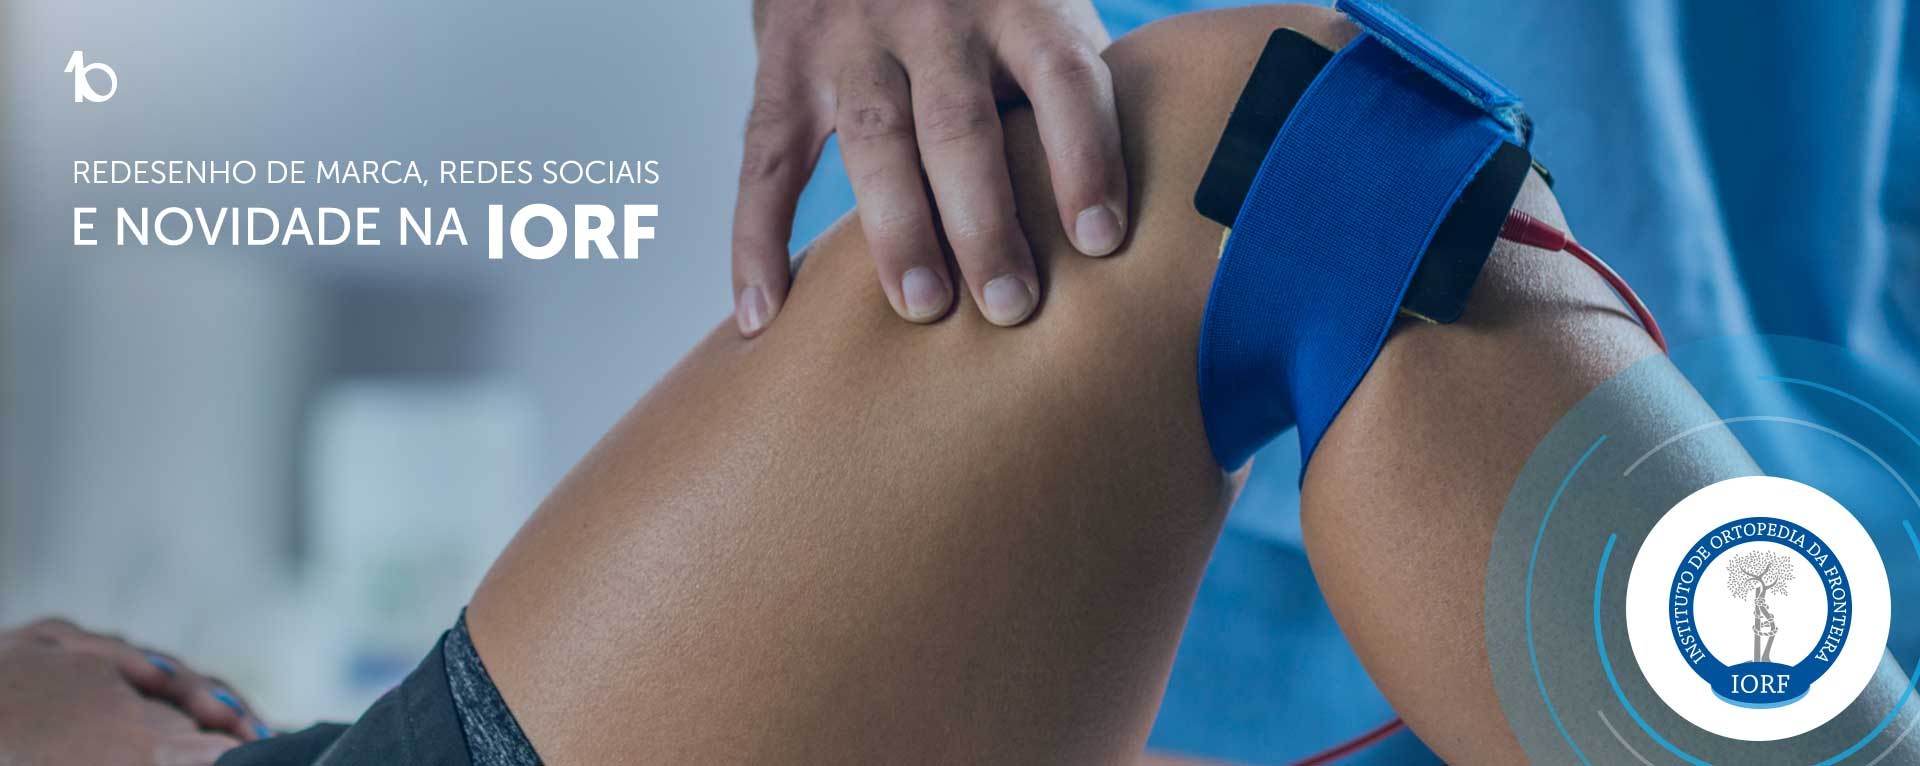 criação de identidade visual iorf clinica medica ortopedia traumatologia uruguaiana porto alegre clínica médica